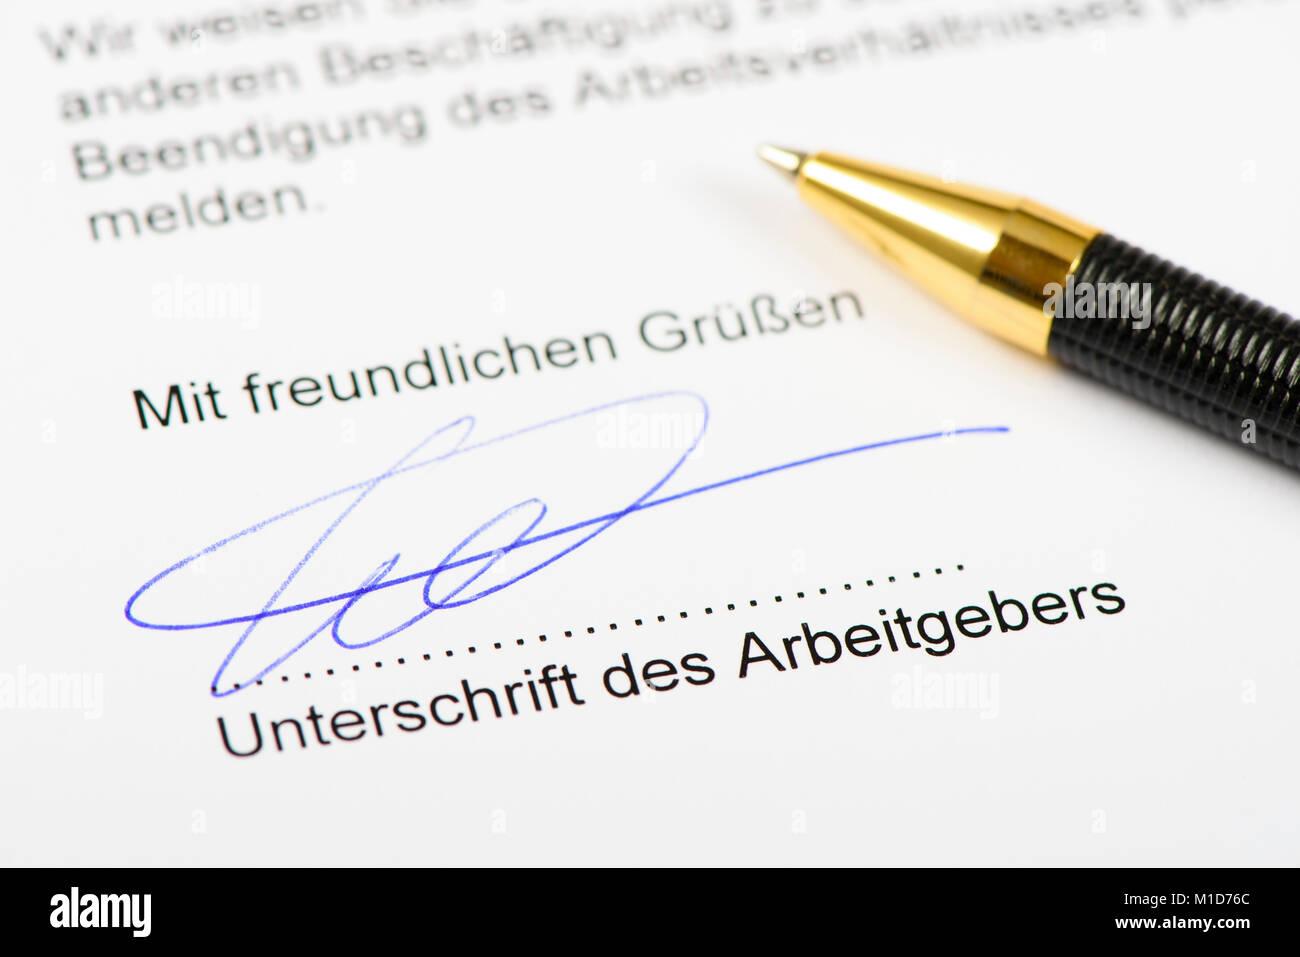 Kündigung des Arbeitsverhältnisses mit Unterschrift des Arbeitgebers Stock Photo